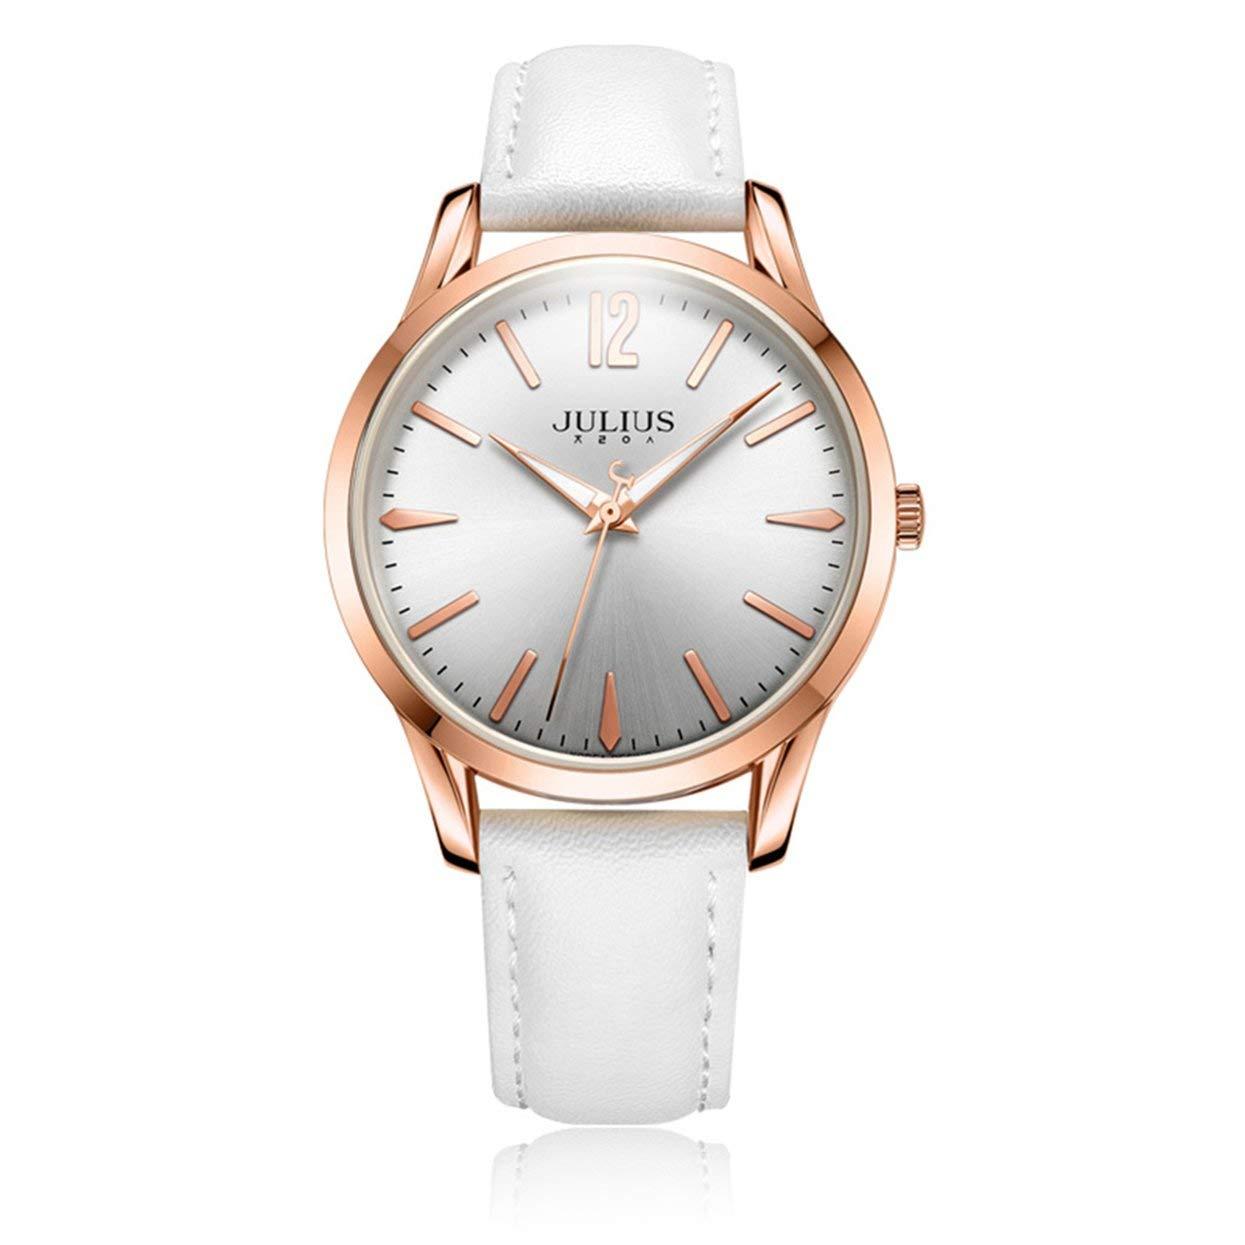 Julius JA-983 Reloj de Pulsera de Moda para Hombre Relojes Deportivos Sencillos Impermeable de Cuero Espejo Hardlex Reloj de Regalo de Moda: Amazon.es: ...